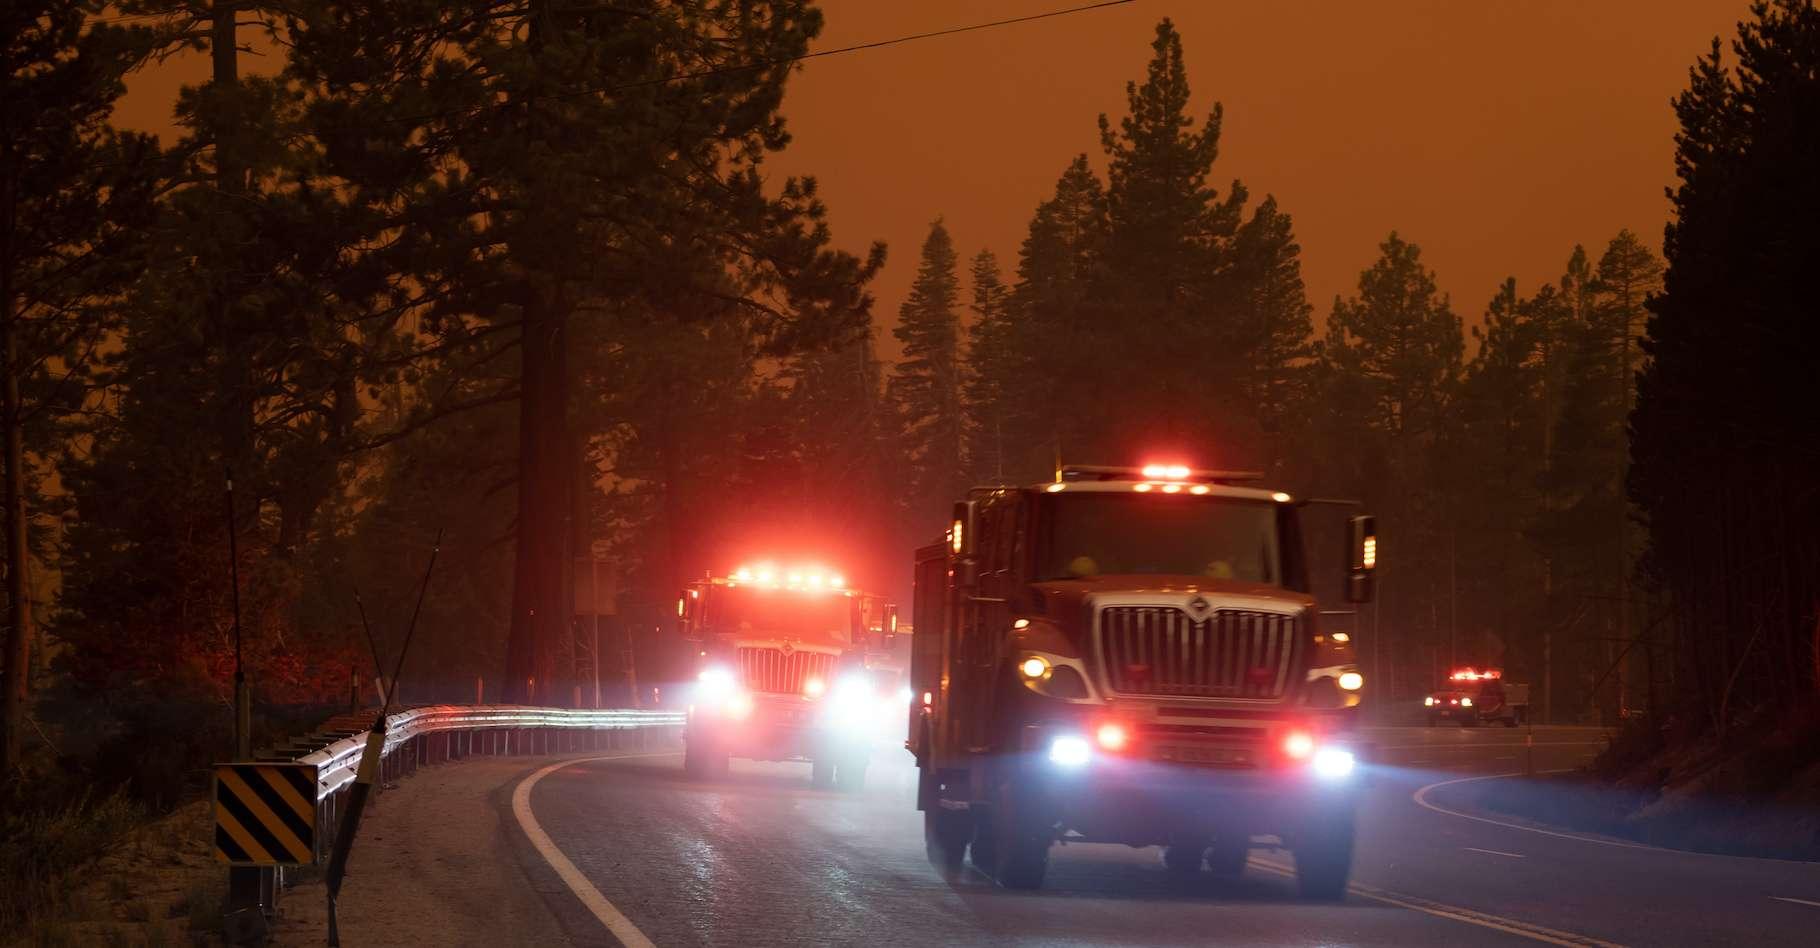 Les pompiers continuent de lutter contre le terrible Caldor Fire, l'un des nombreux feux de forêt qui ravagent la Californie. © kcapaldo, Adobe Stock